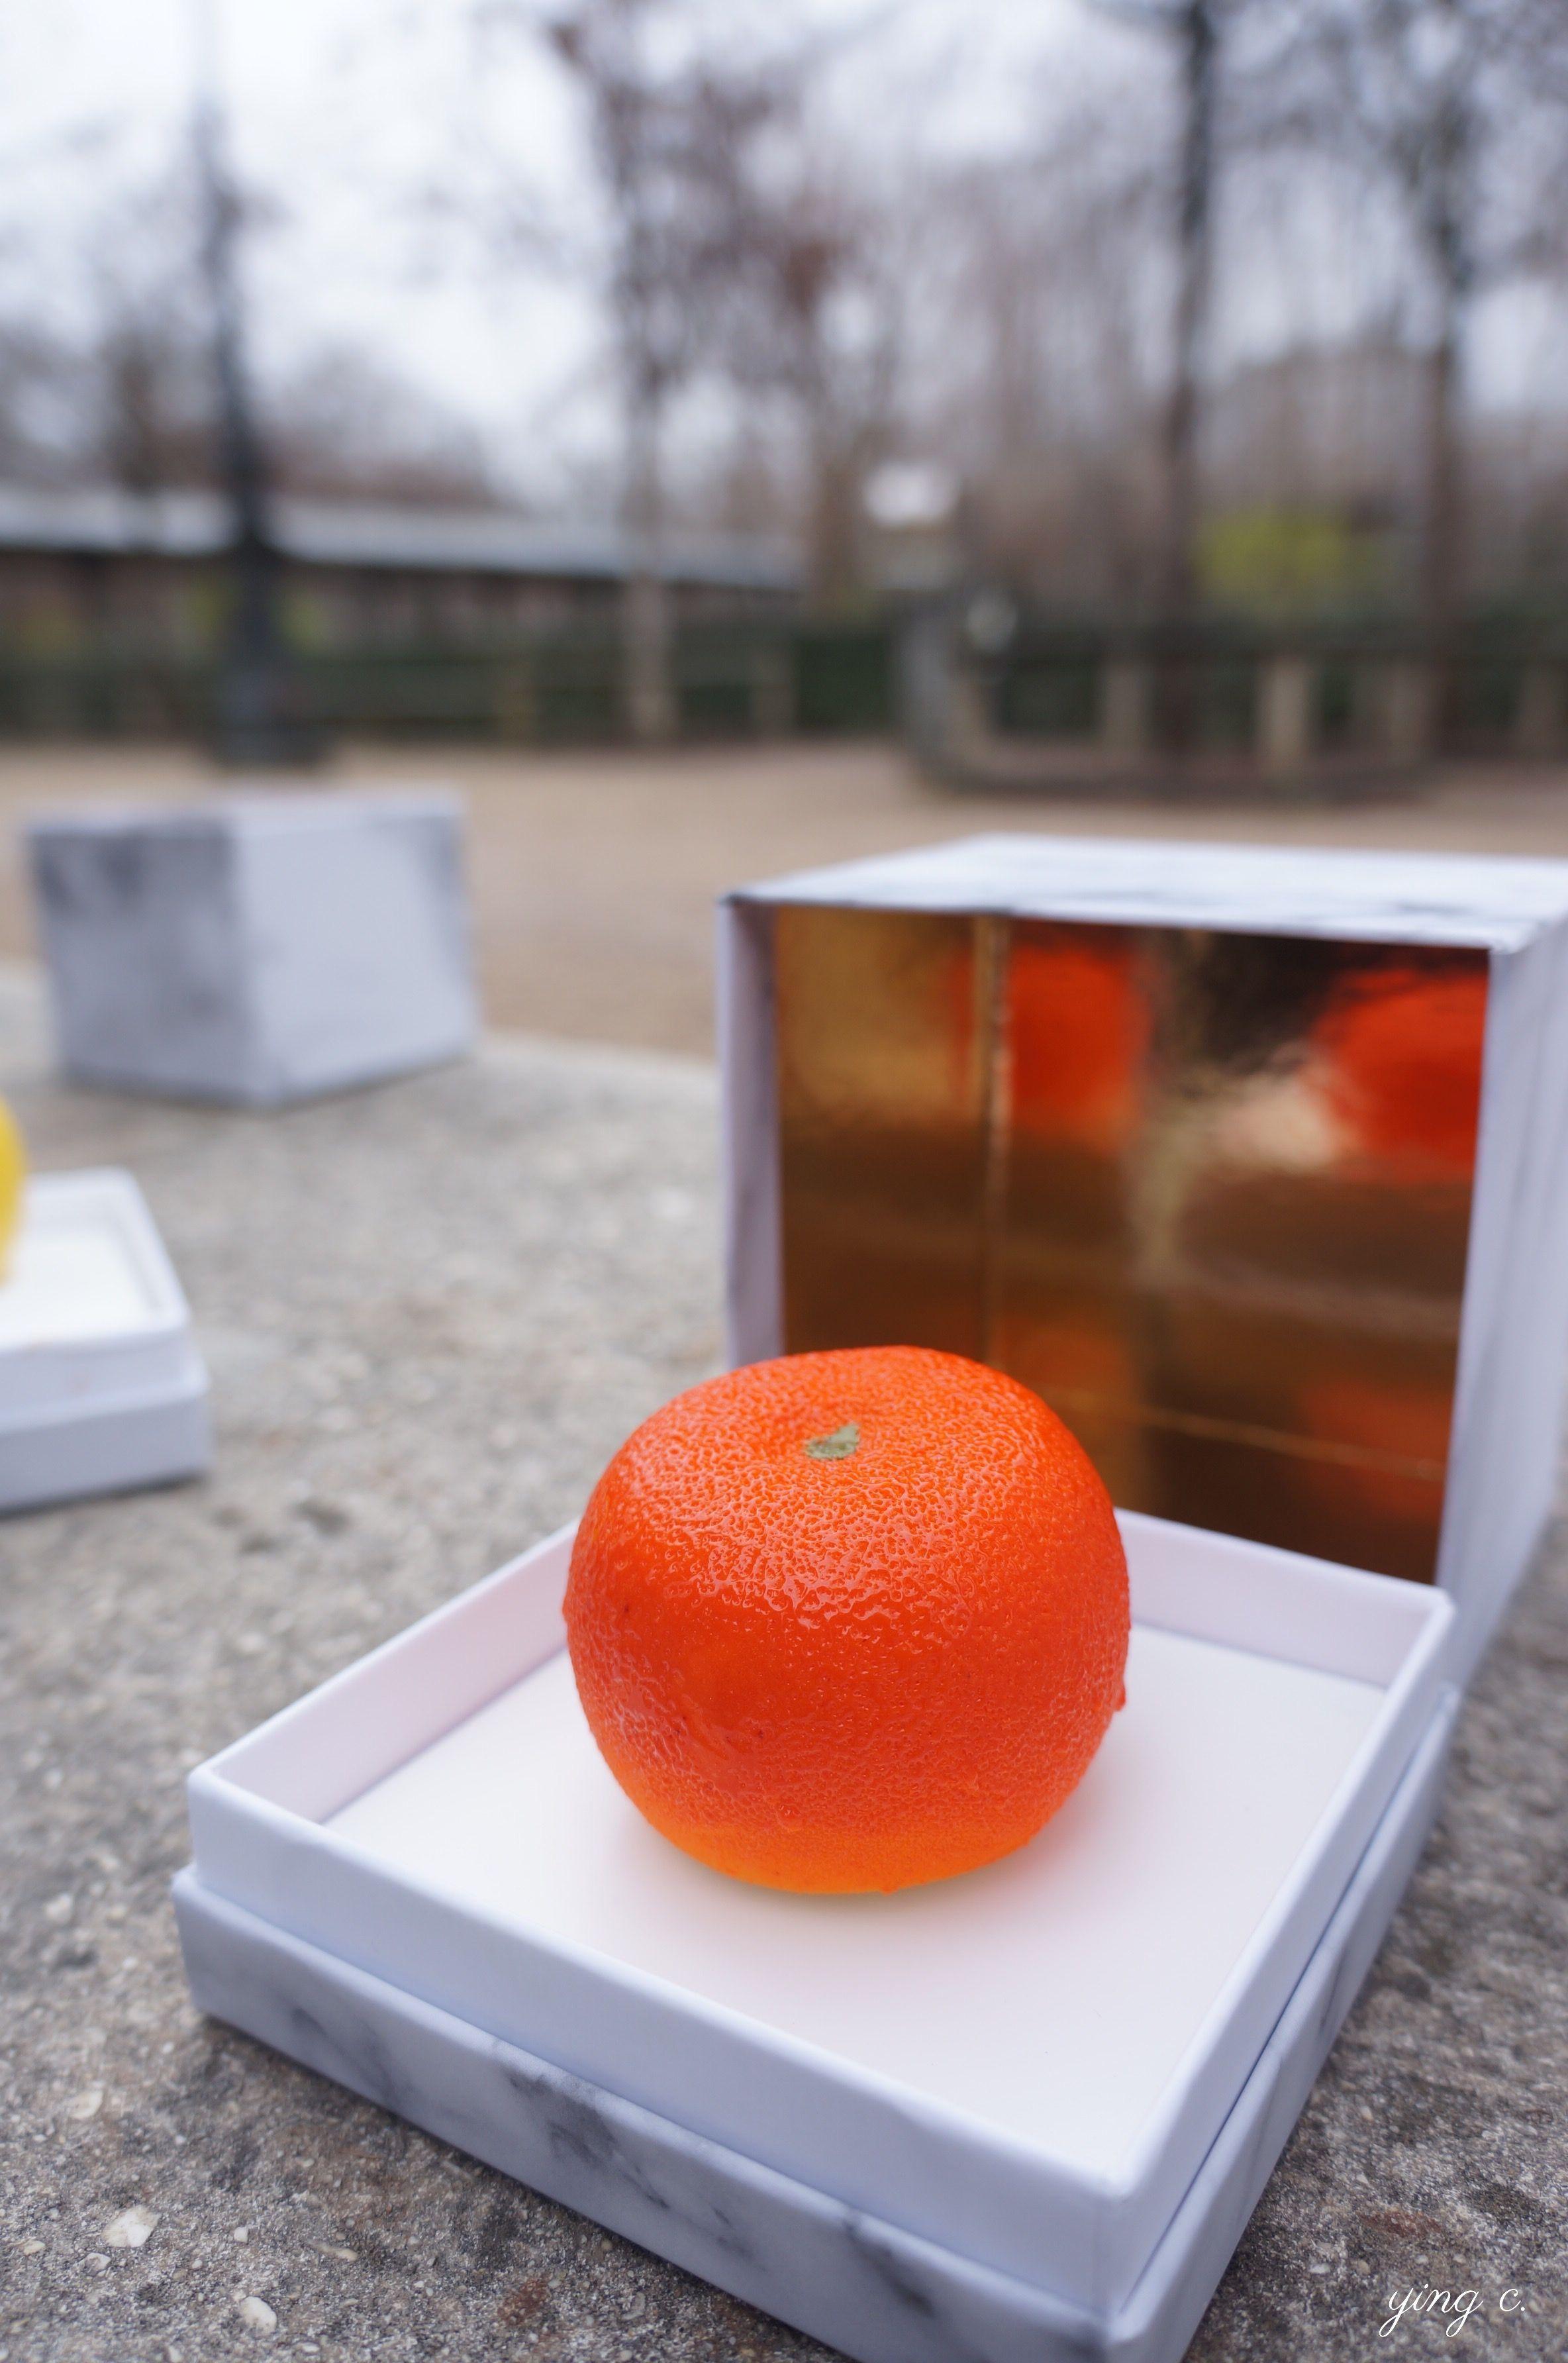 「橘子」(Mandarine)水果雕塑。